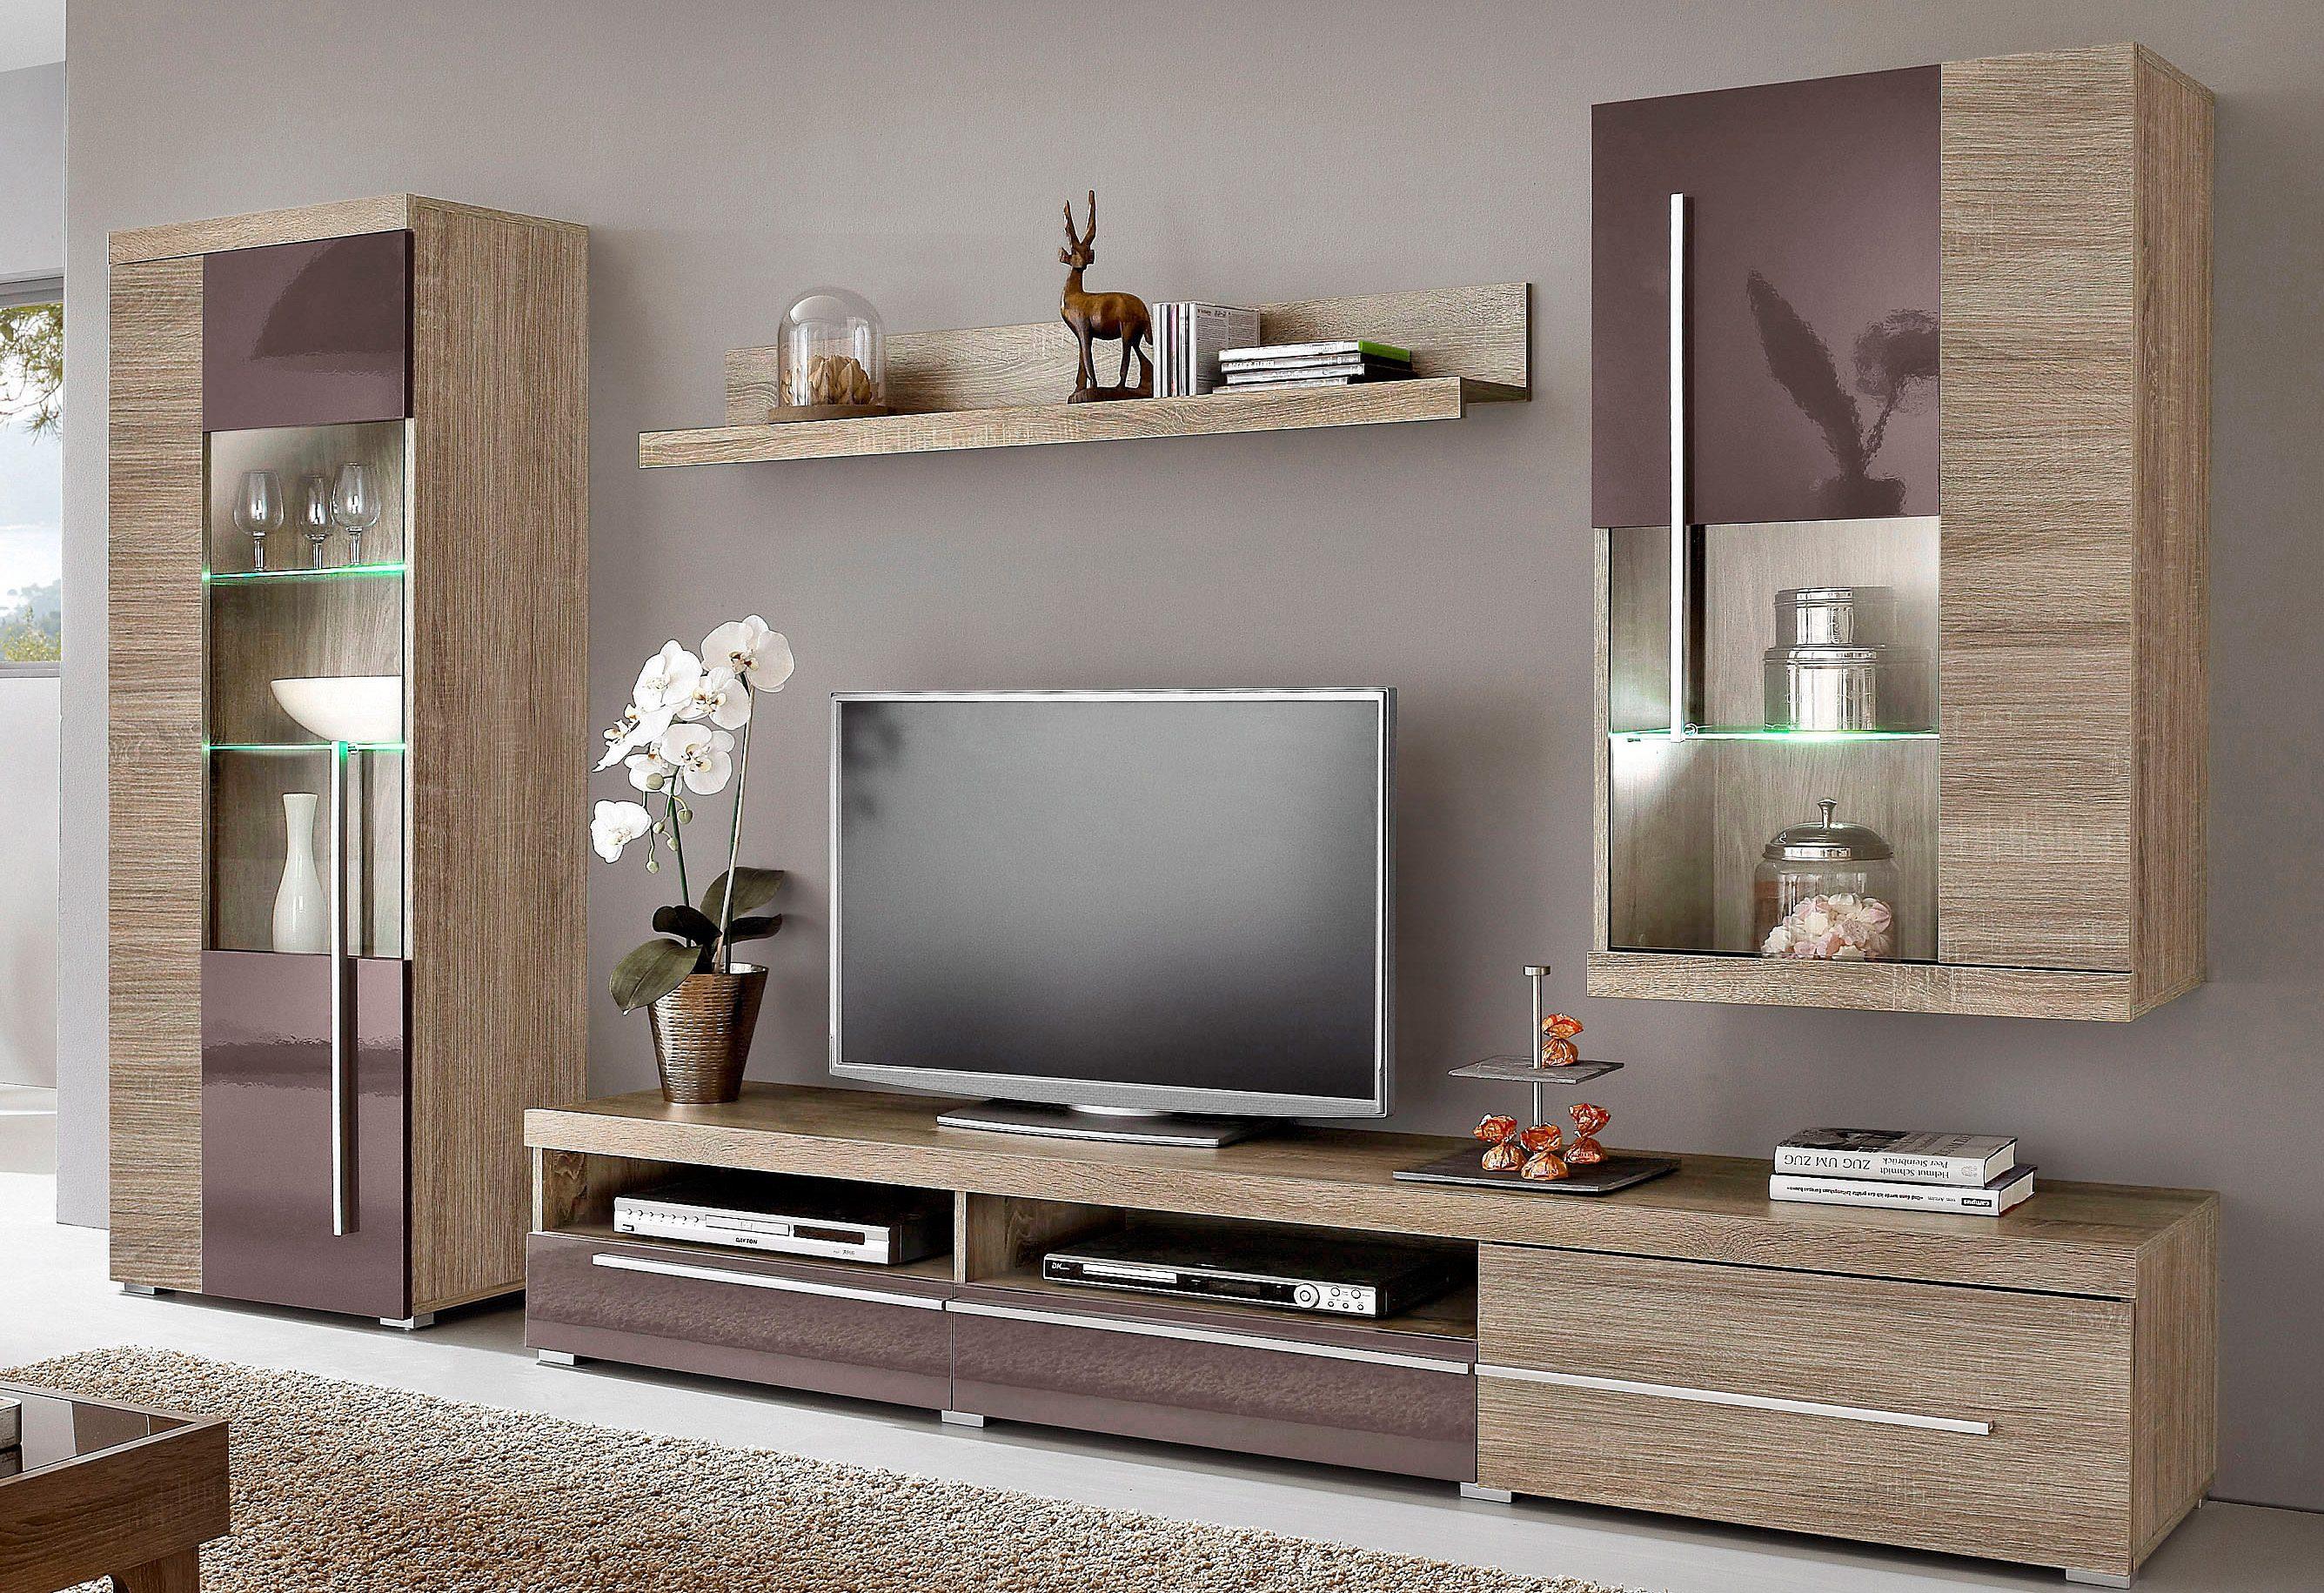 Wohnwände Online Kaufen | Möbel-Suchmaschine | Ladendirekt.de dedans Meuble Braun